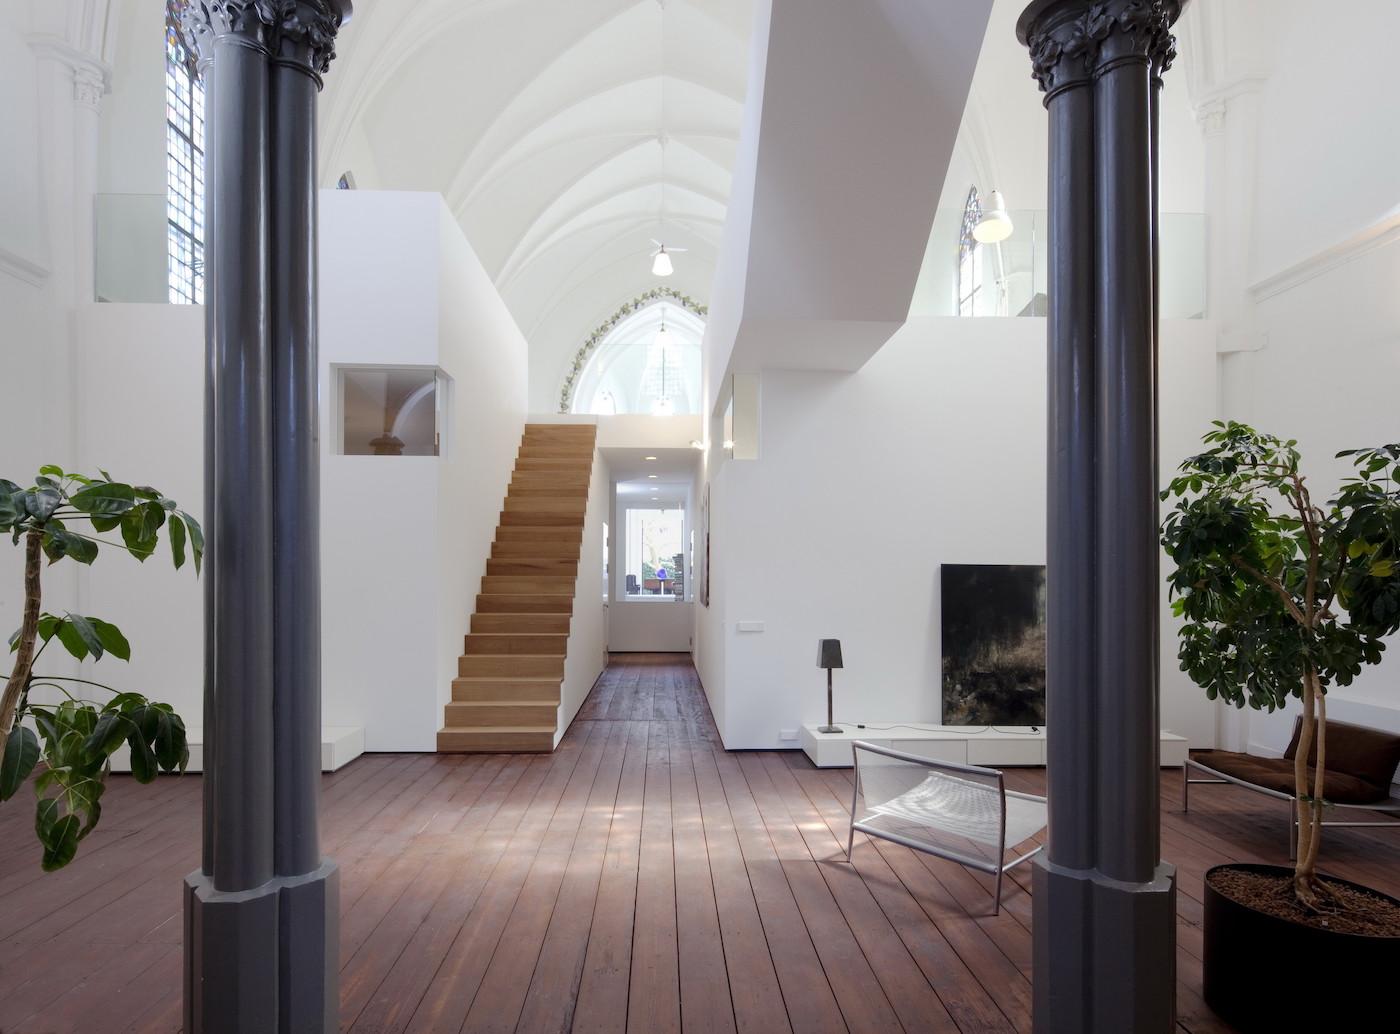 Diese Kirche in den Niederlanden wurde in ein Luxusanwesen umgewandelt 1